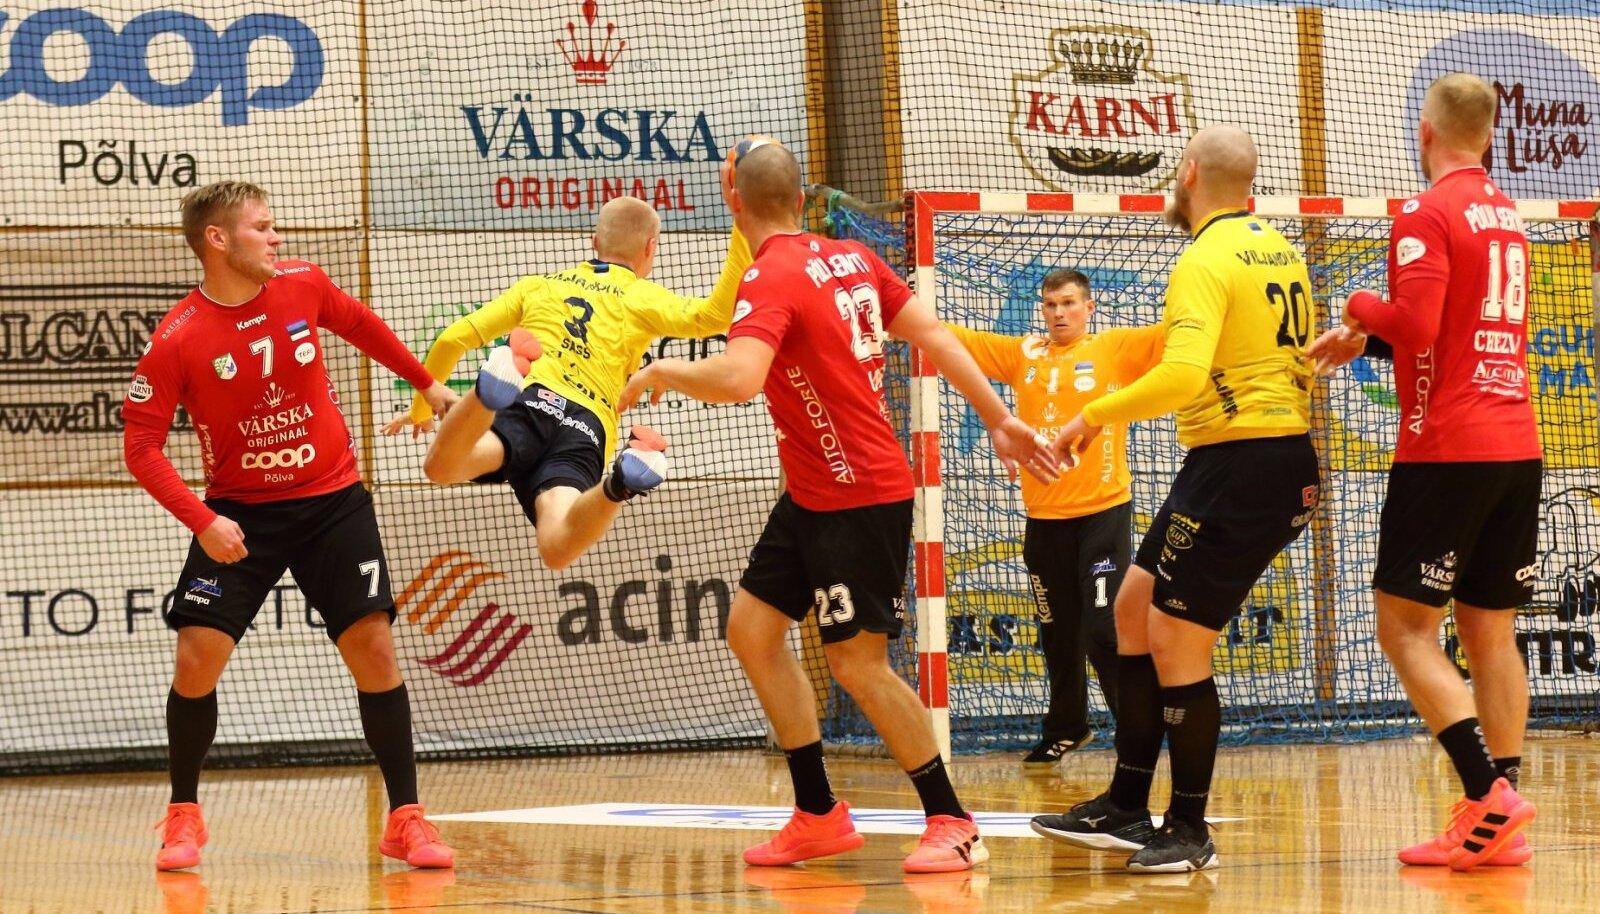 Viljandi HC pole Põlva Servitist jagu saanud juba kolm aastat. Uus võimalus on kolmapäeval Põlvas.